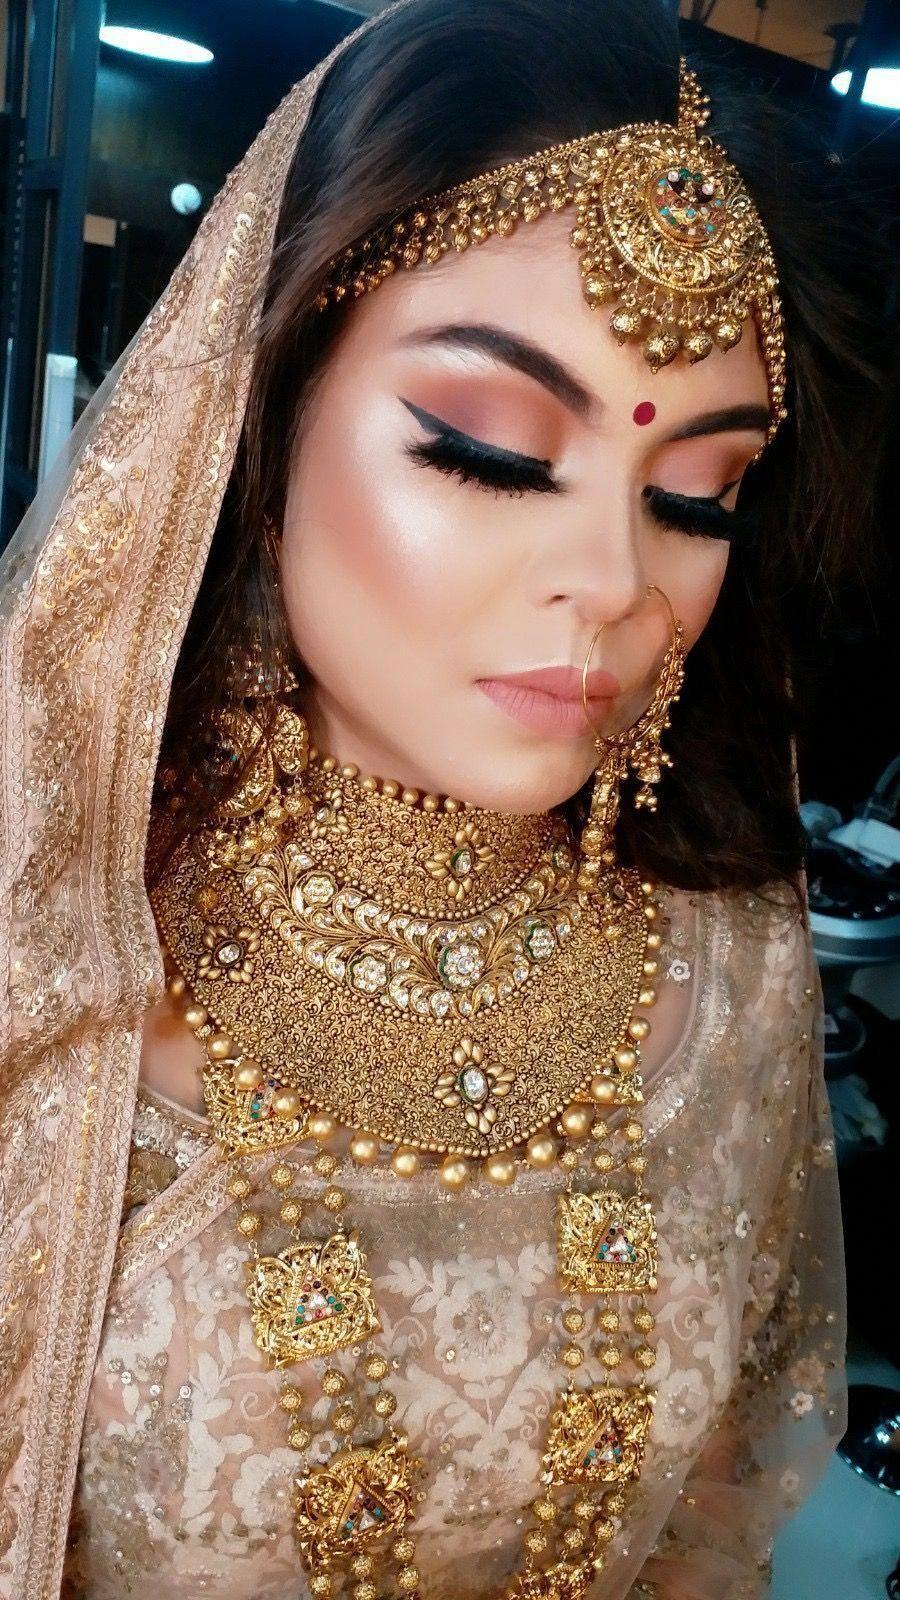 Pin di Sukh Sandhu su wedding nel 2020 | Trucco da sposa ...